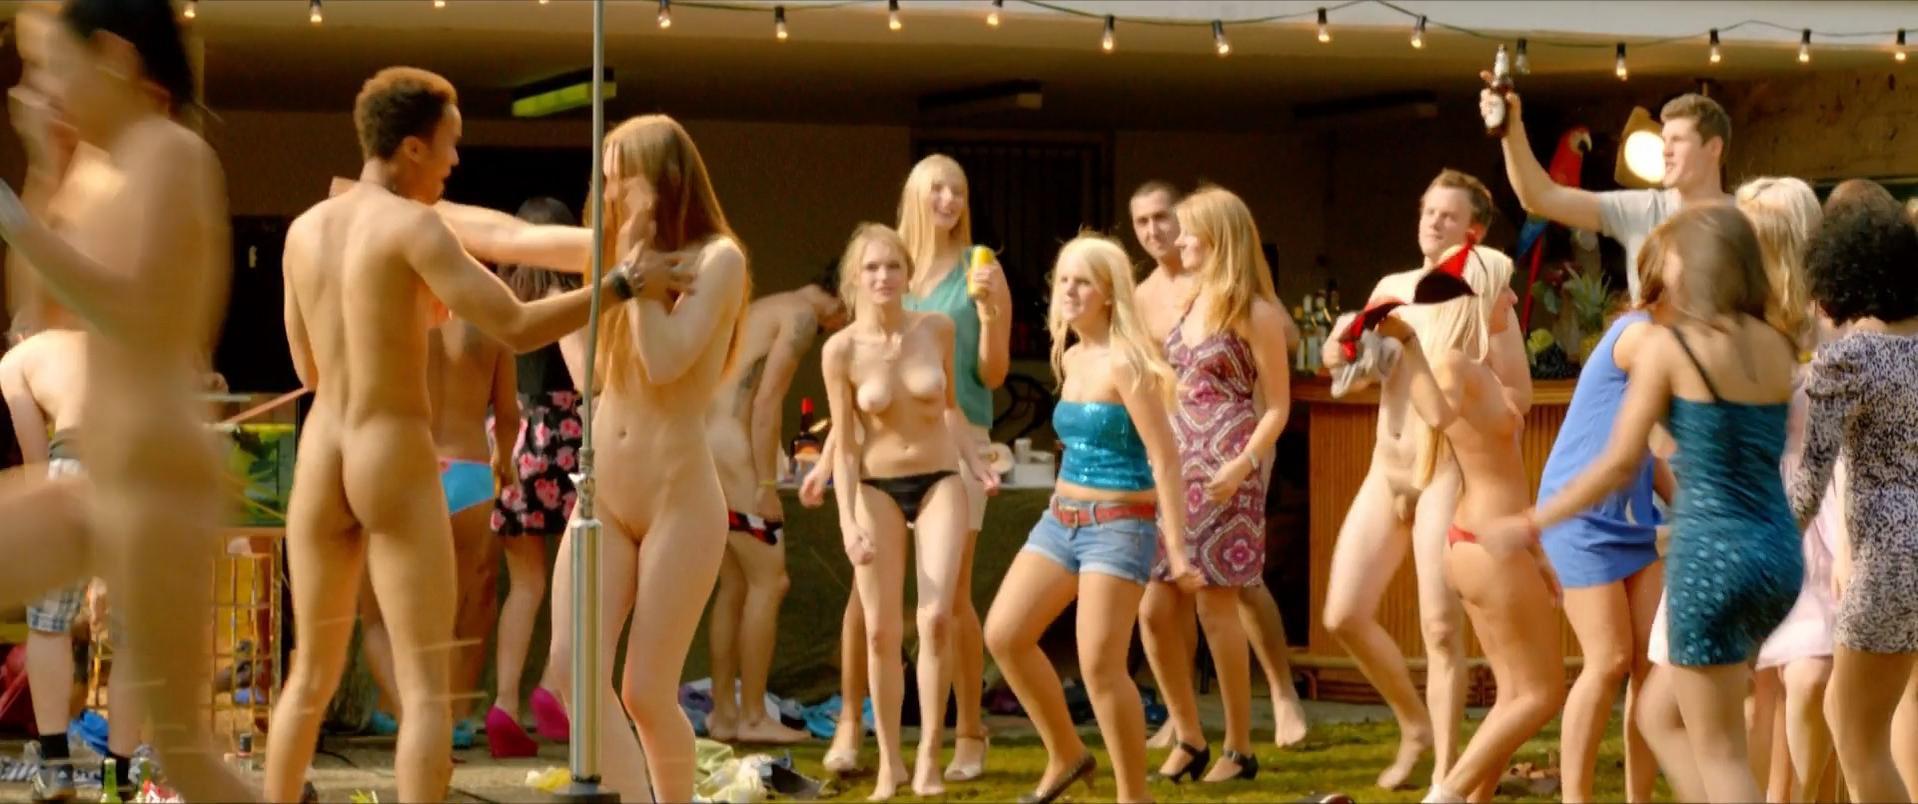 Lucrezia Phantazia nude - Wenn Inge tanzt (2013)